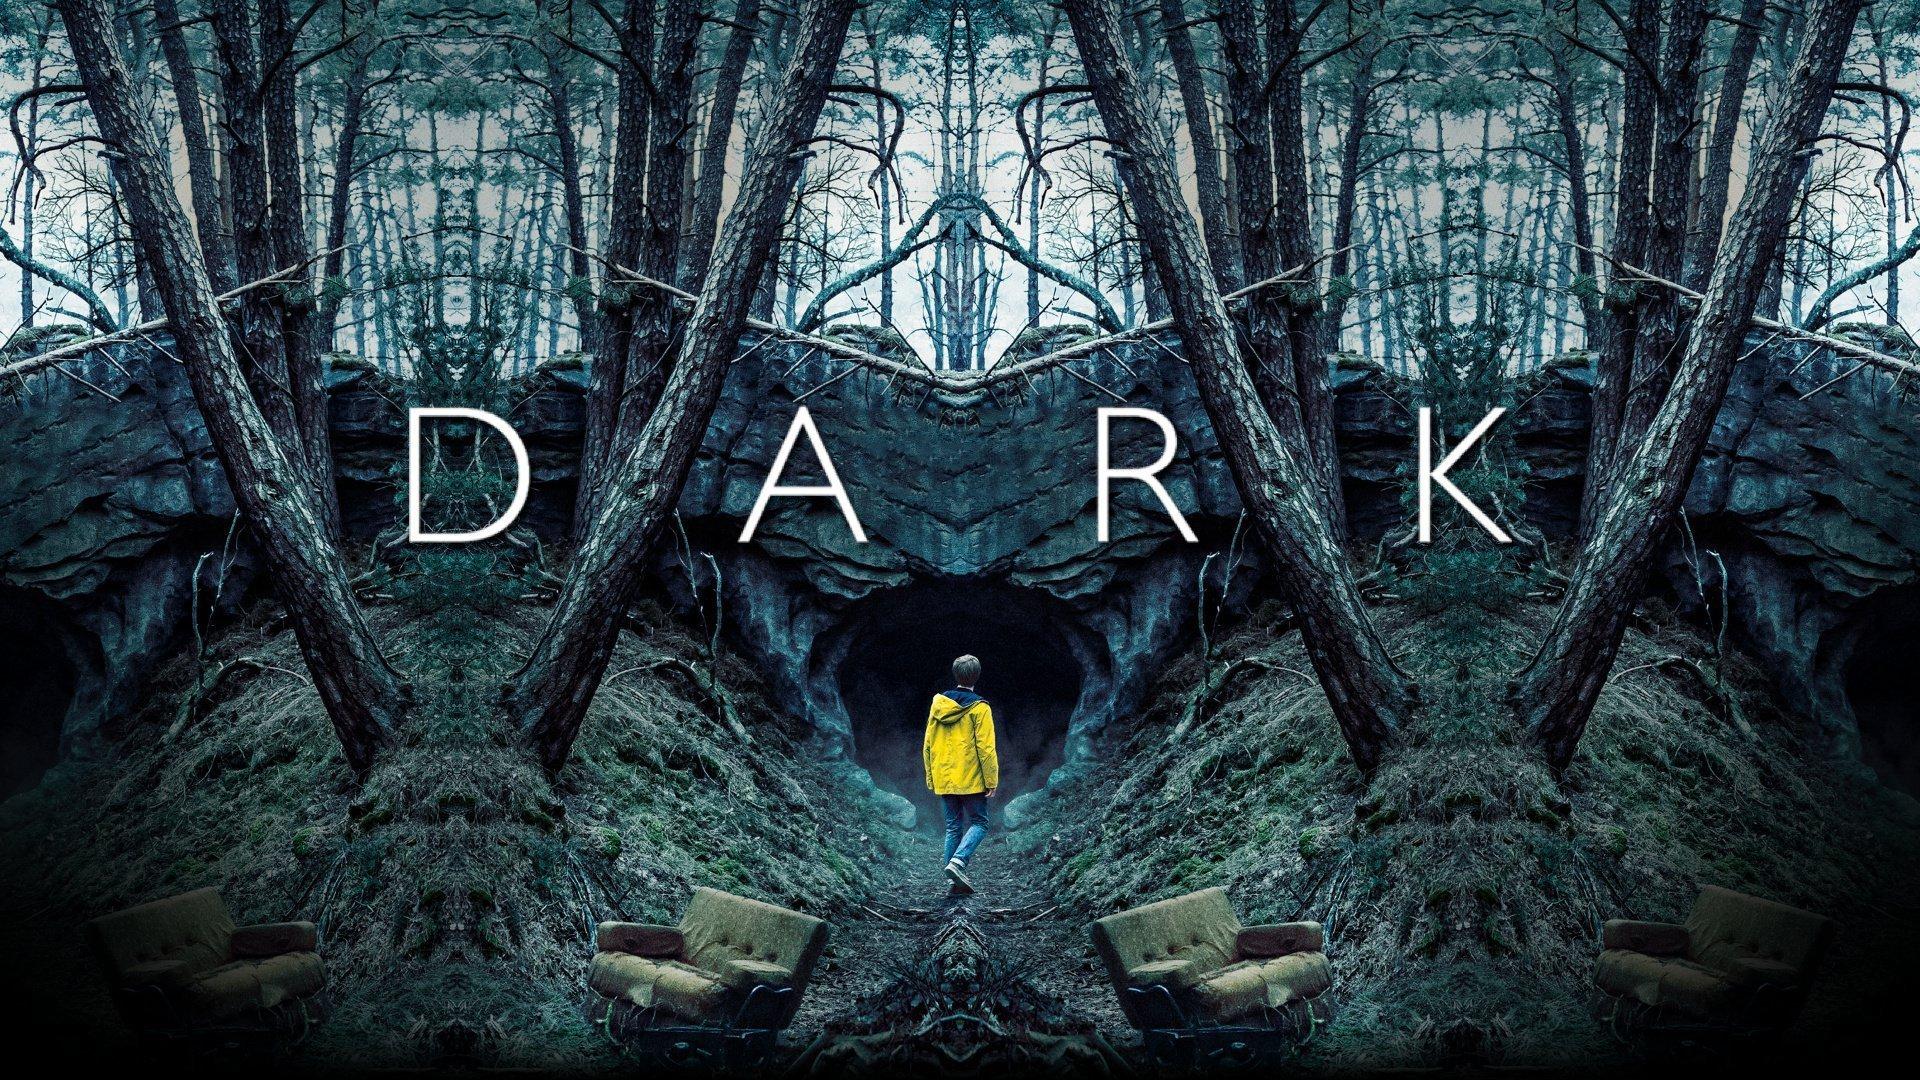 Dark Netflix.jpg